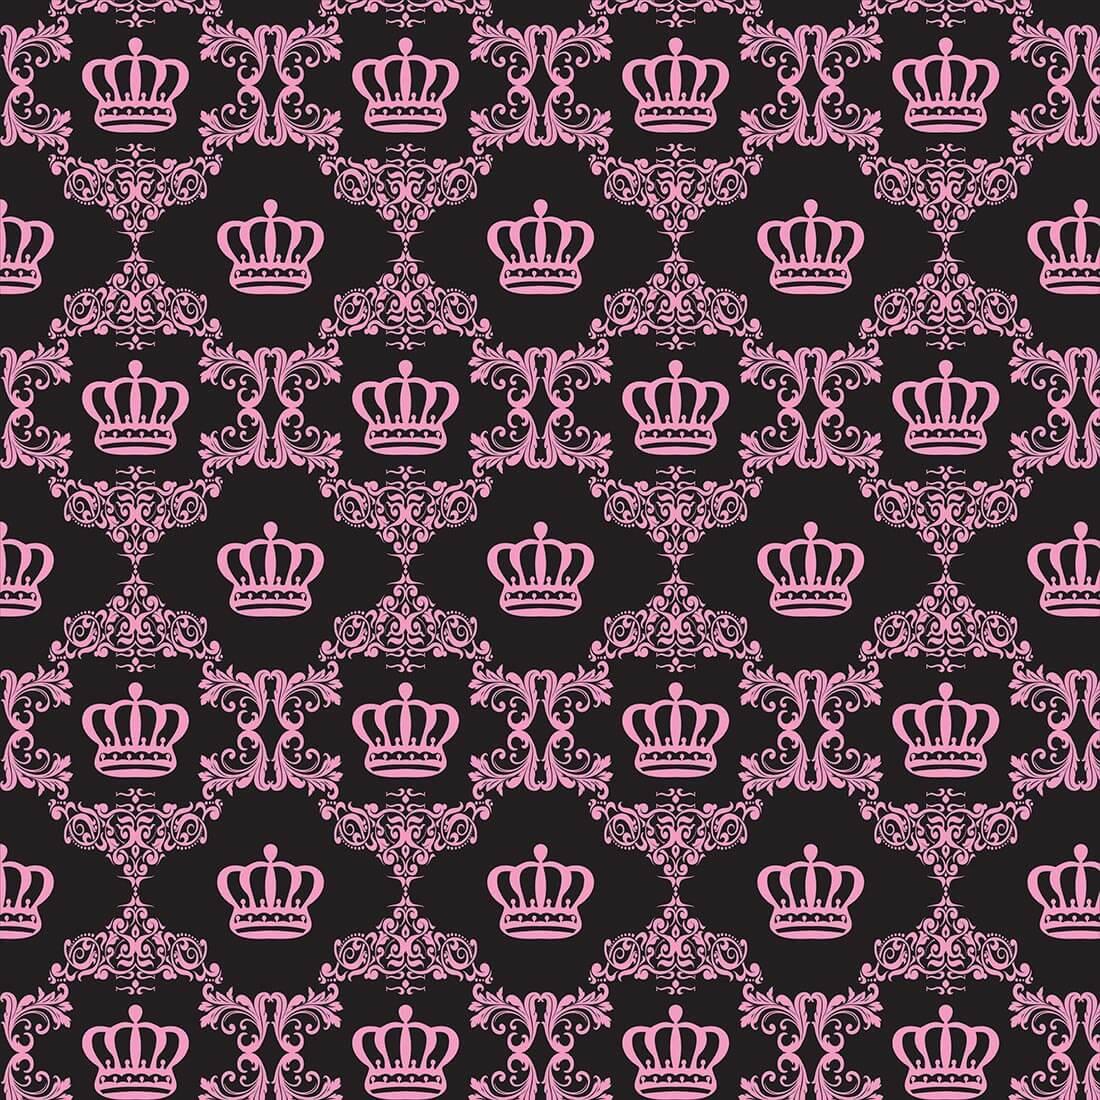 Papel de Parede Baby Coroa Rosa e Preto